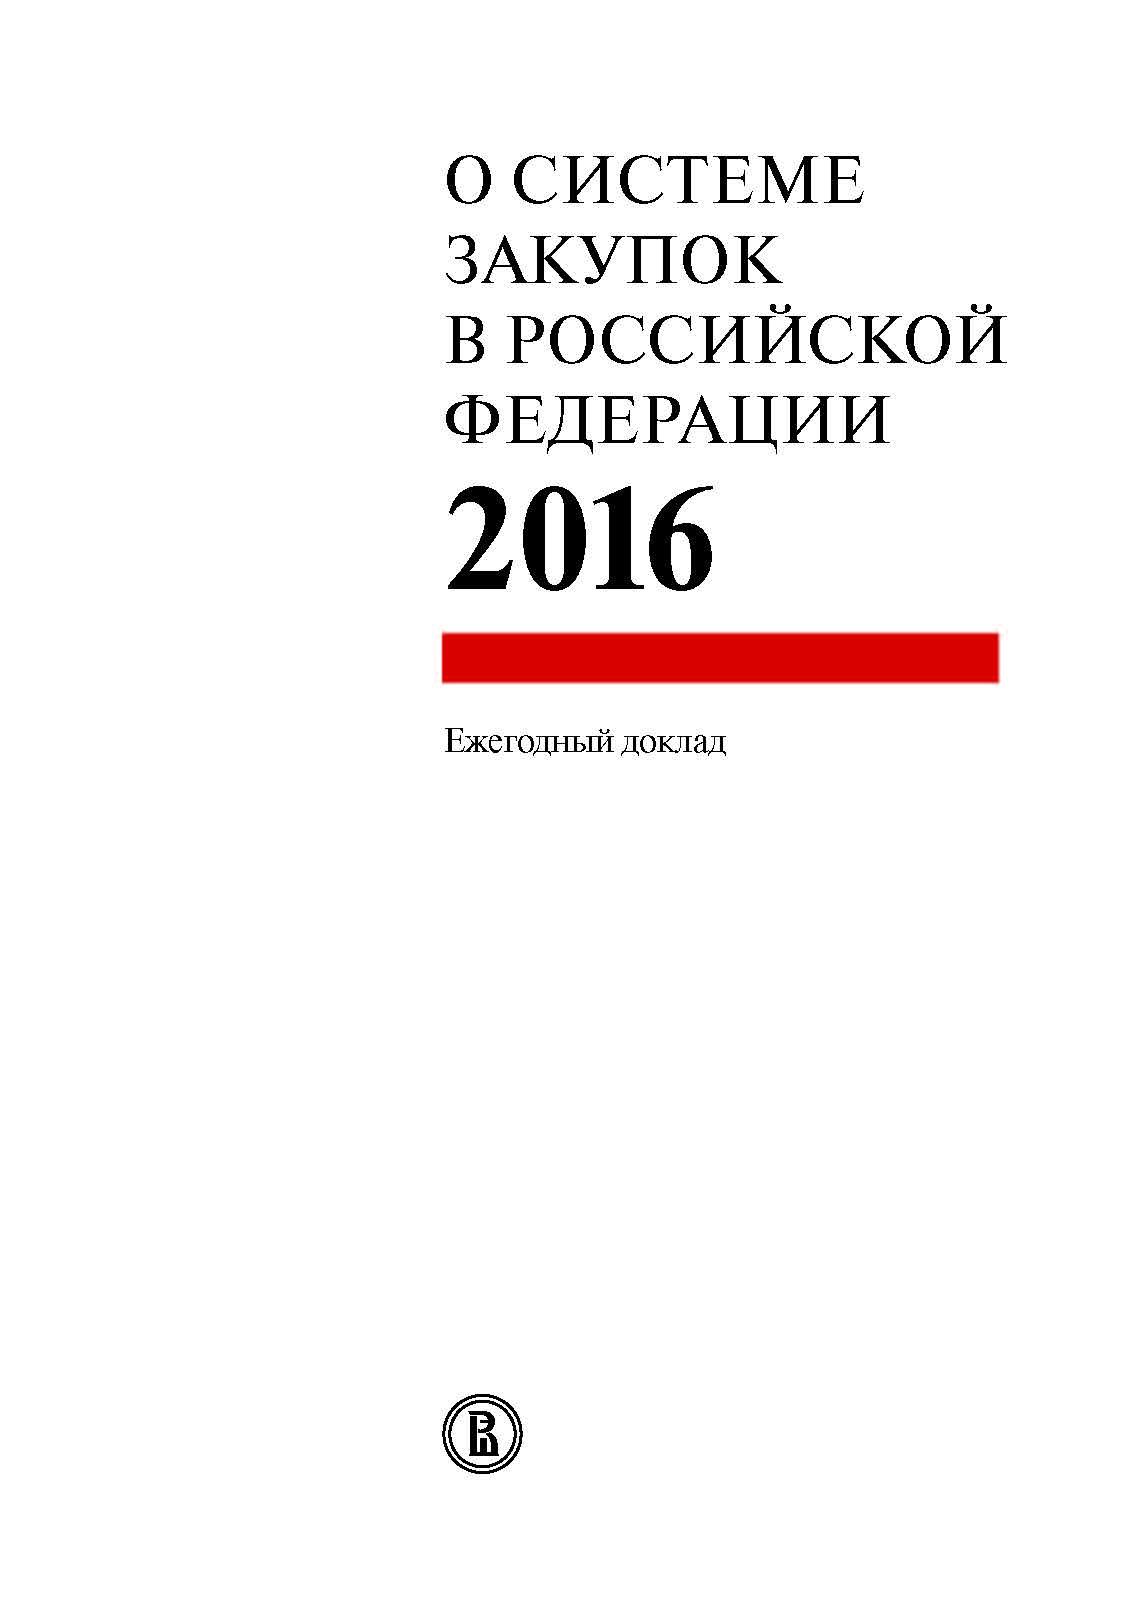 О системе закупок в Российской Федерации — 2016. Ежегодный доклад